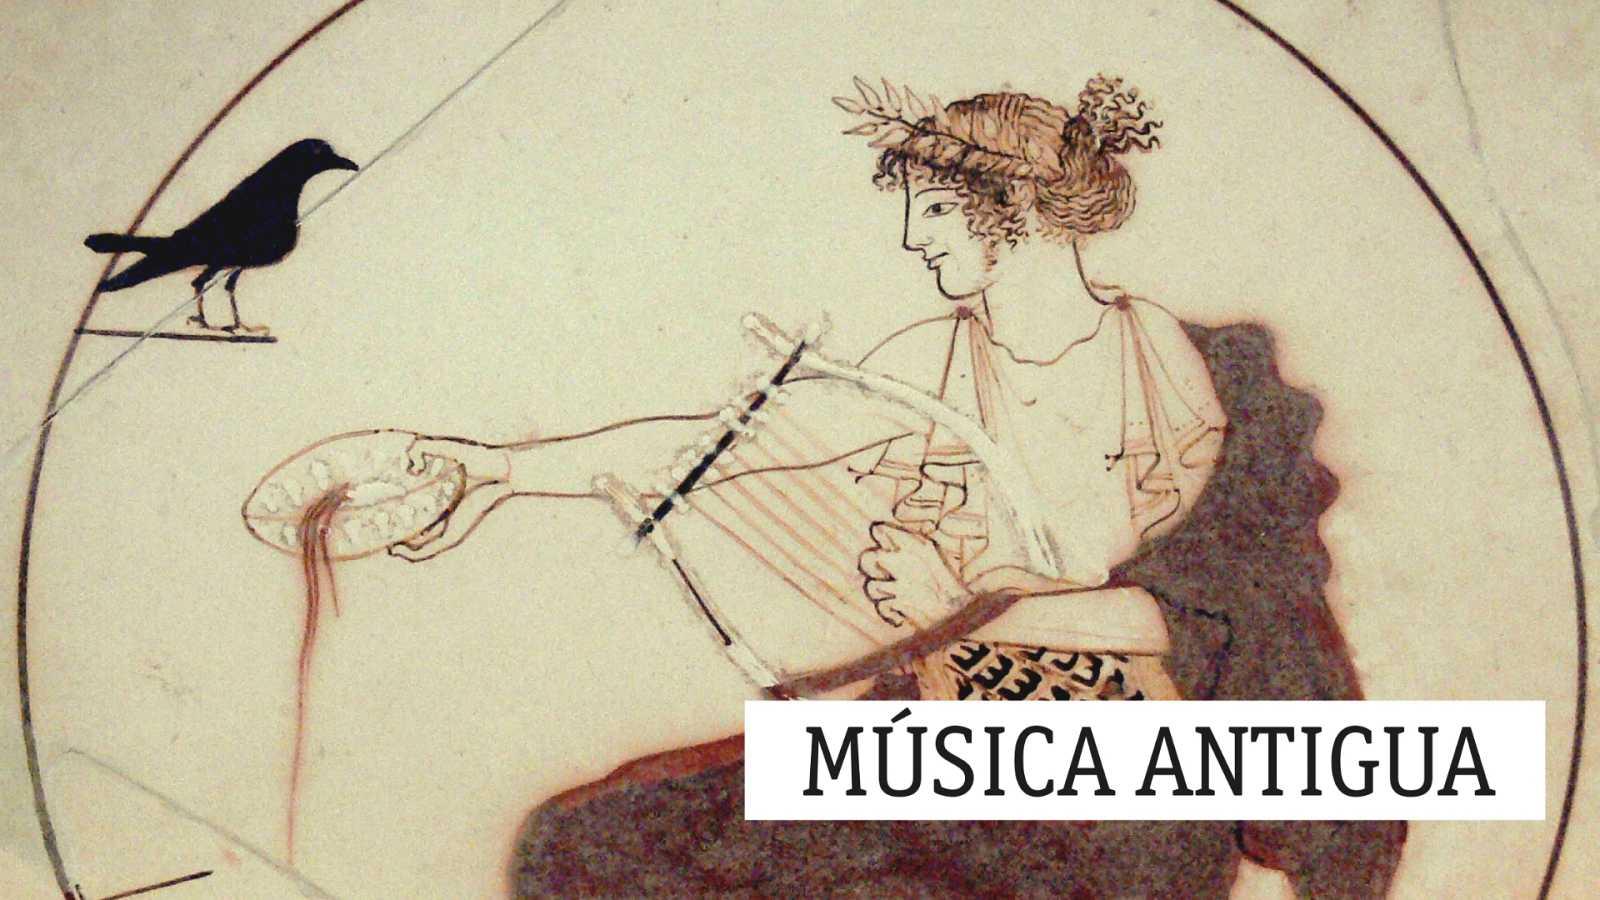 Música antigua - El Concilio de Constanza (II): Restauración - 03/03/20 - escuchar ahora